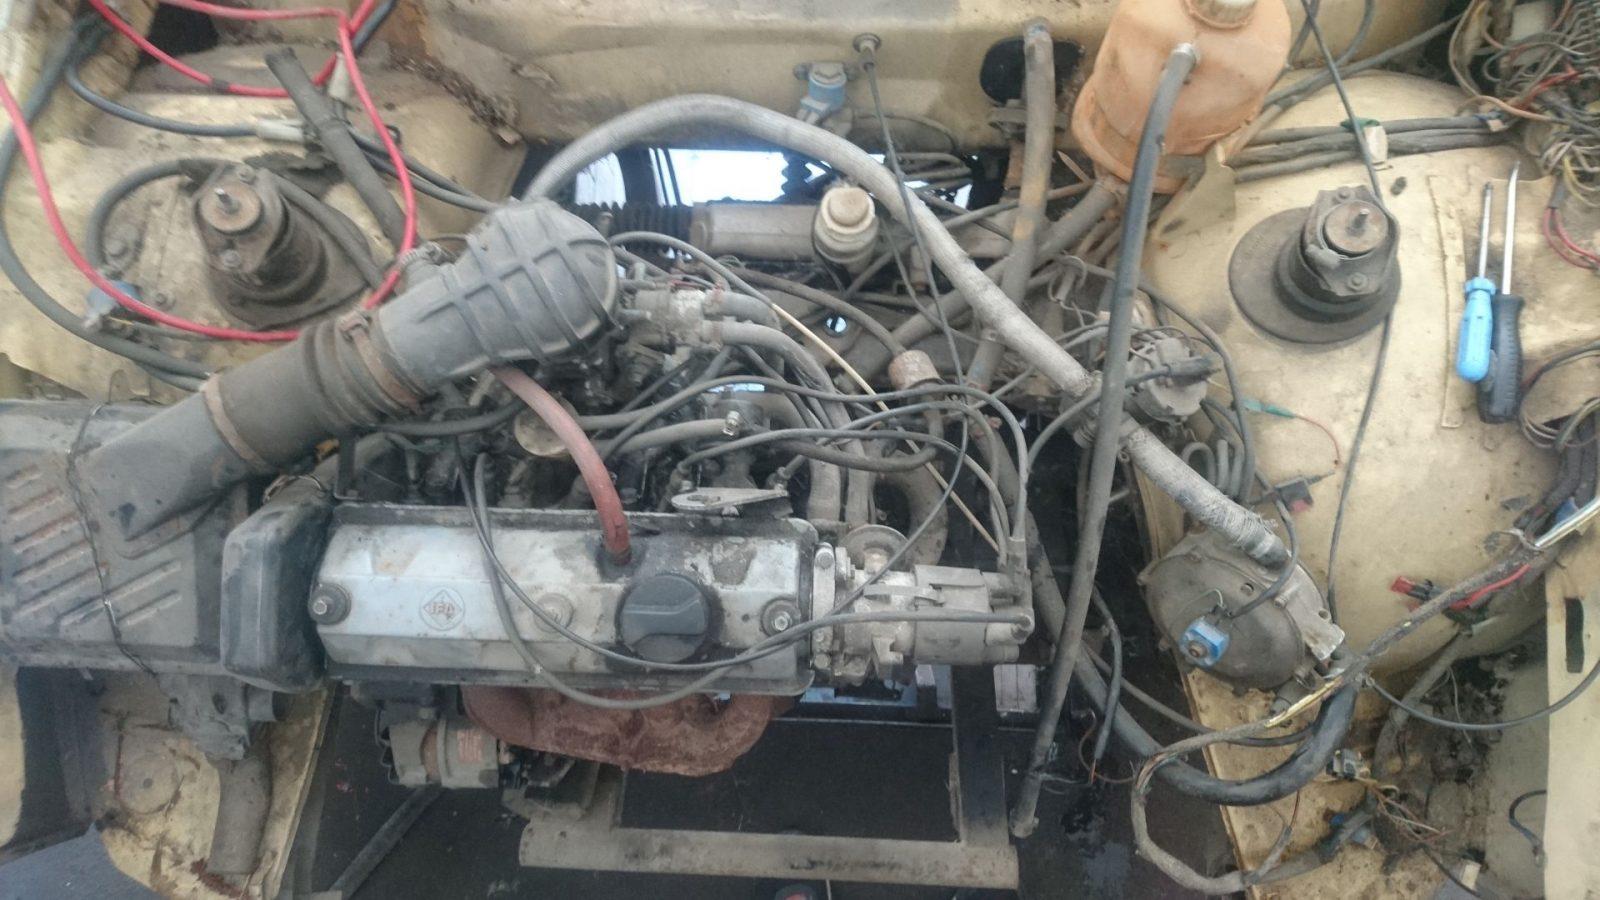 Das wird sicherlich interessant. Kabel- und Schlauchwirrwarr im Motorraum. Ein Teil gehört noch zur Autogasanlage.